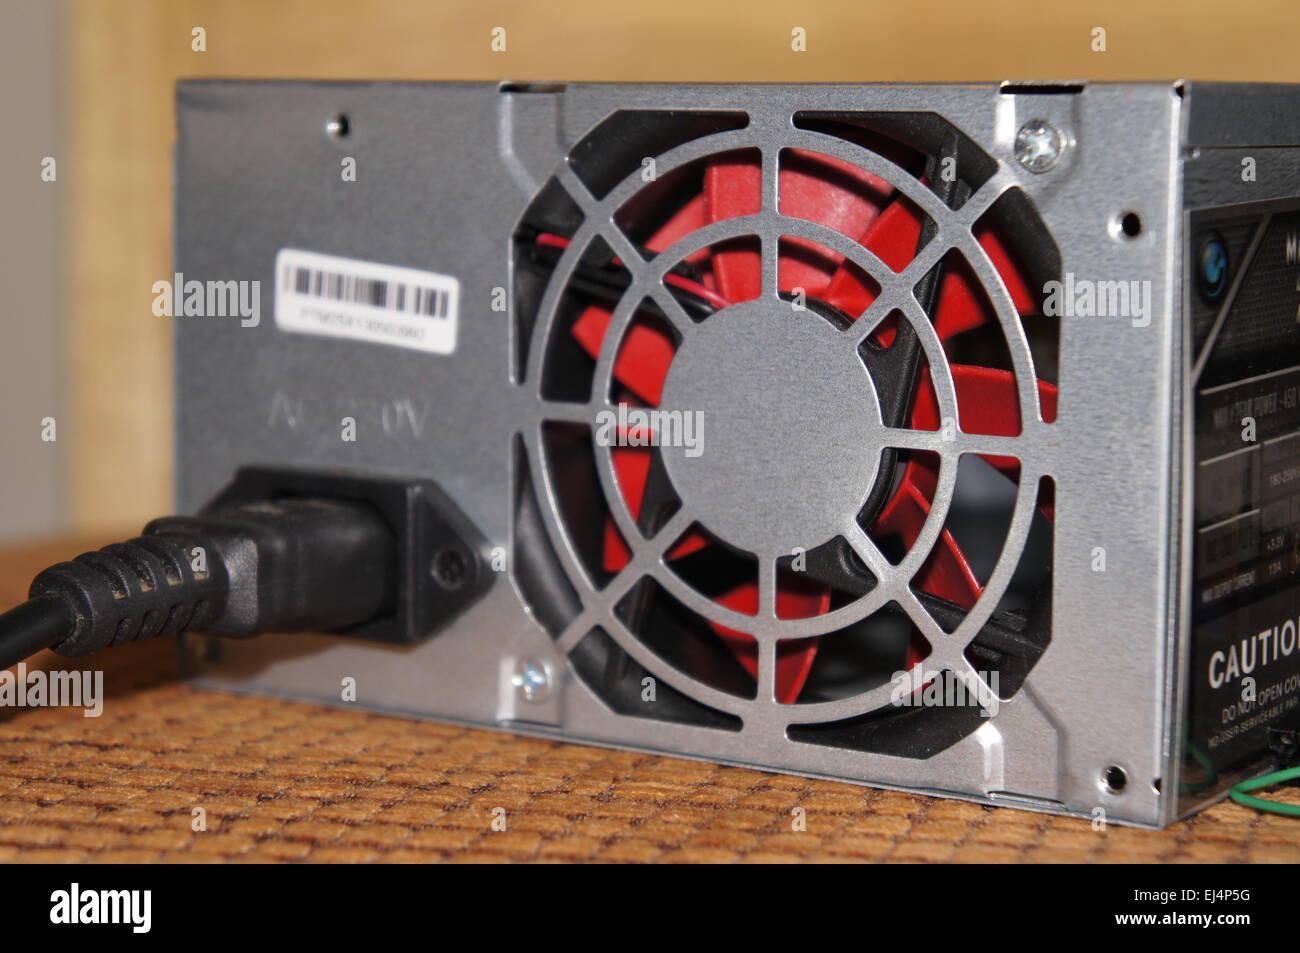 PC ATX Netzteillüfter Stockbild